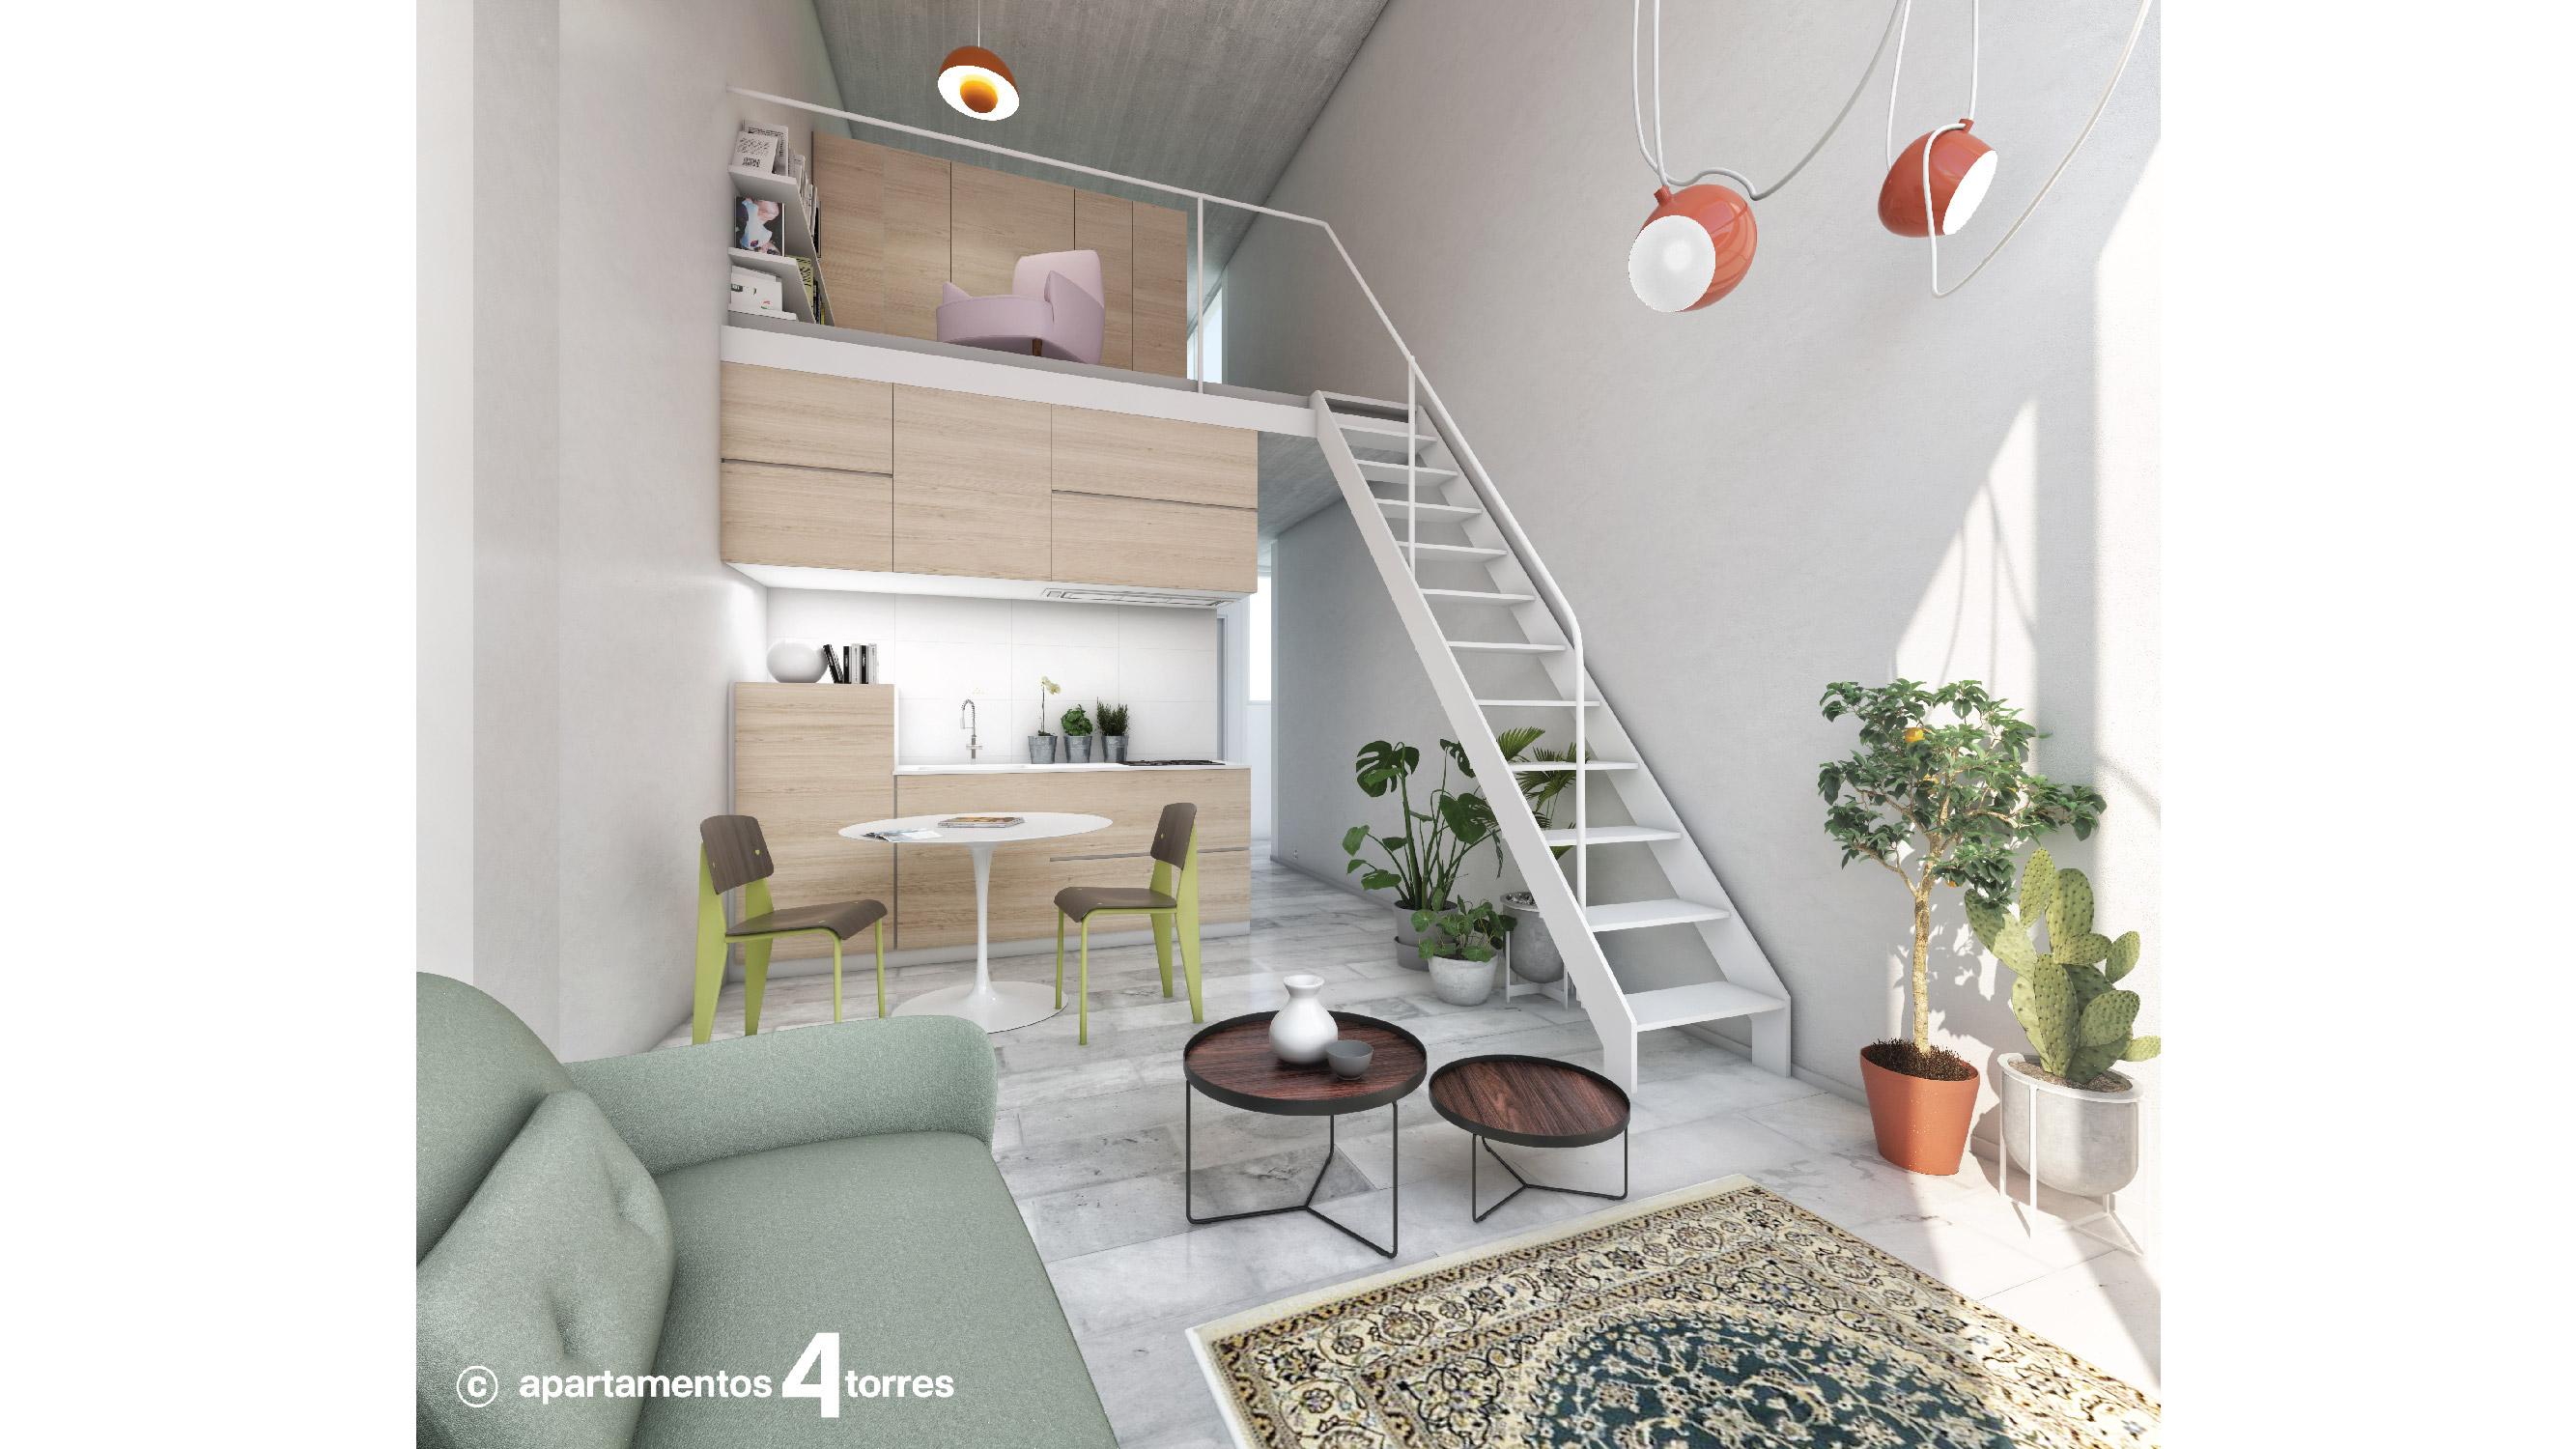 apartamentos4torres_V1A-B-C-D_vista3